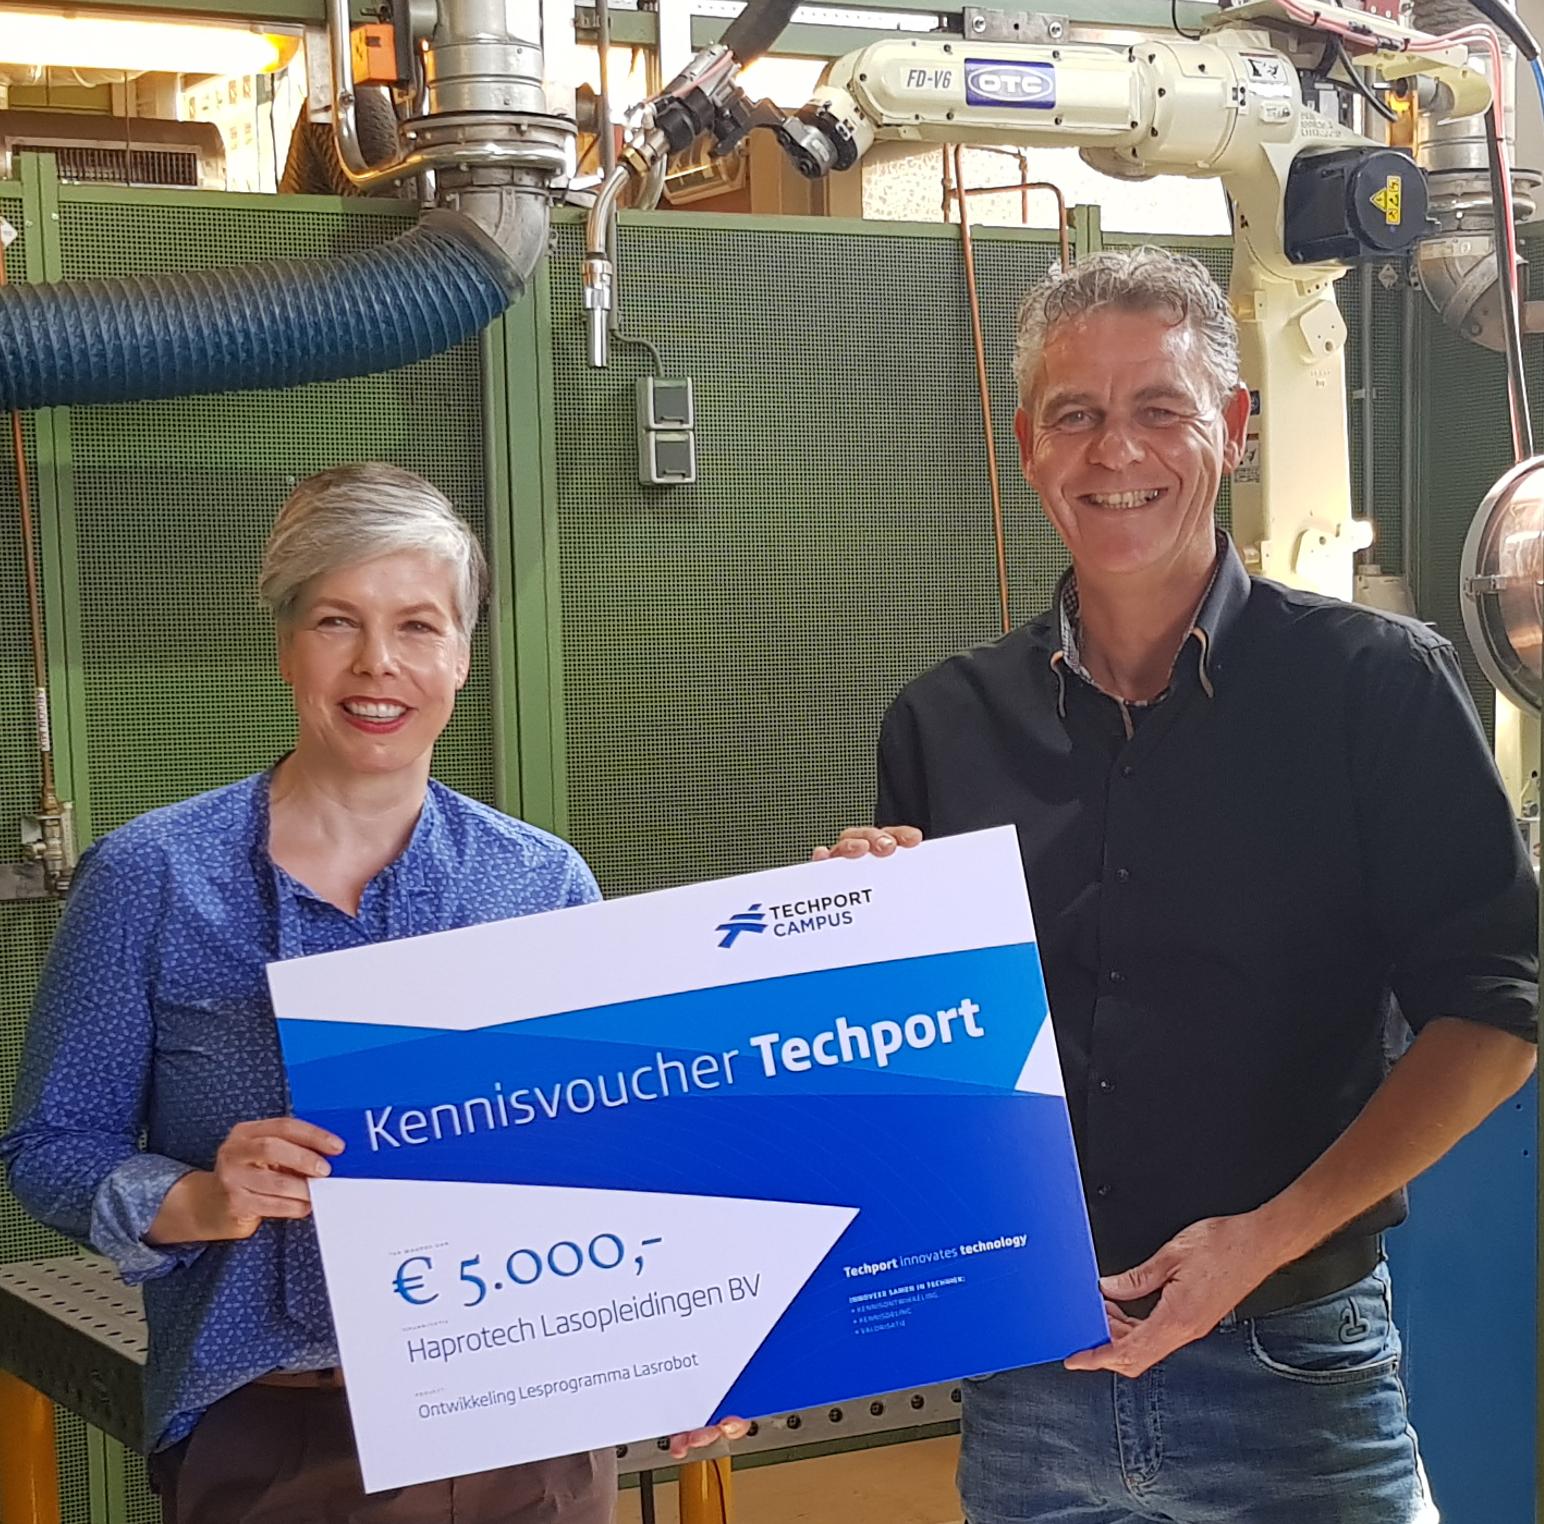 Wethouder Marieke van Dijk van Heemskerk en technisch commercieel directeur Raymond Brand. (foto aangeleverd)